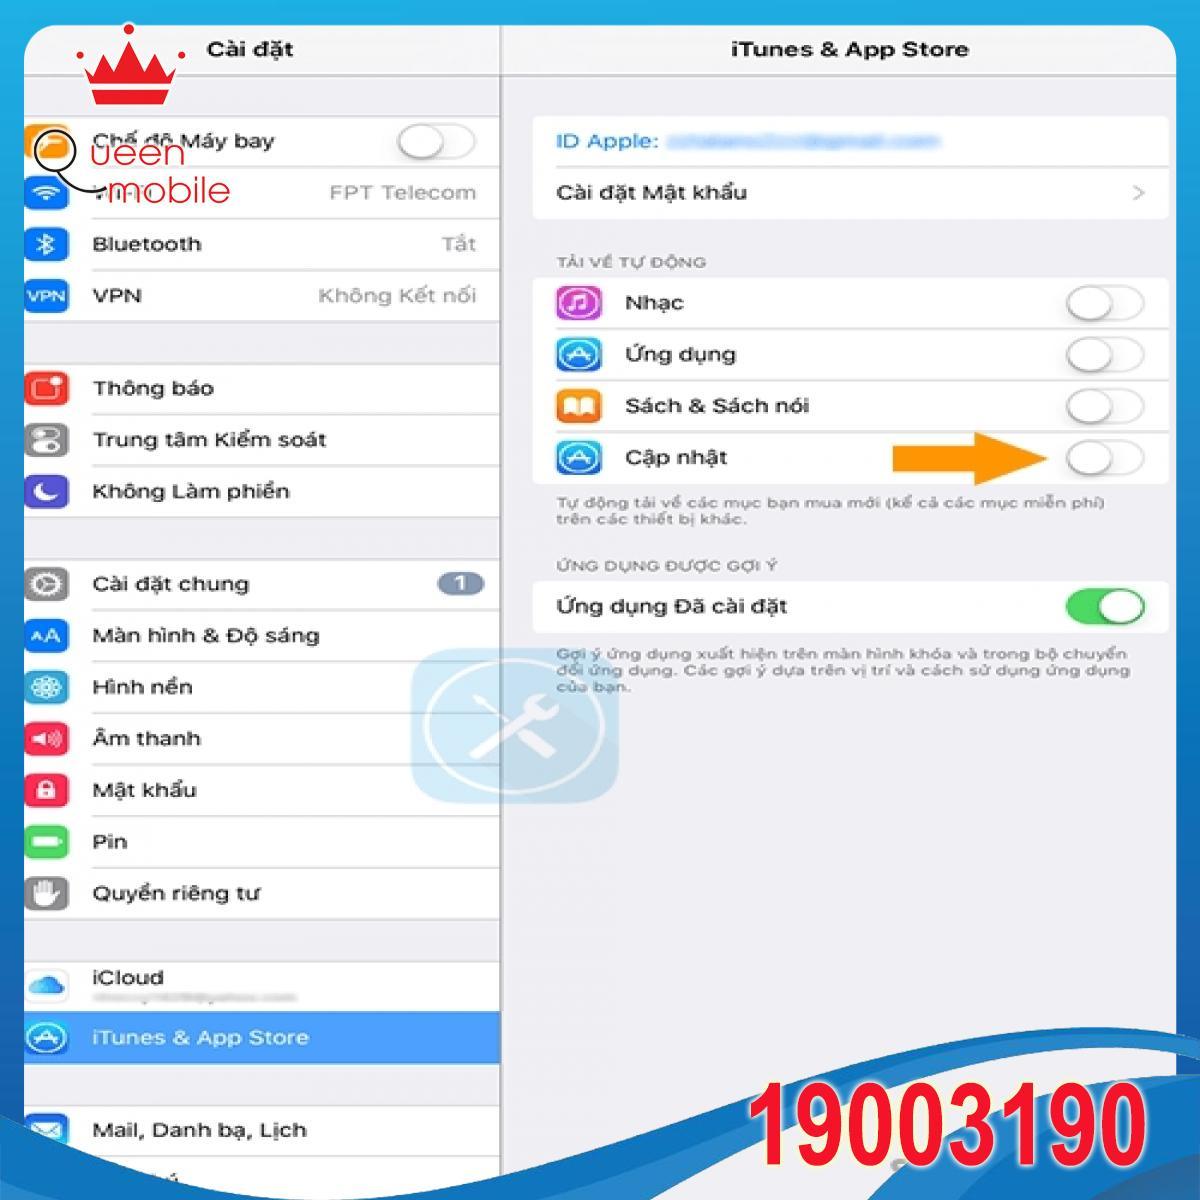 Hướng dẫn tắt tính năng tự động cập nhật ứng dụng trên iOS